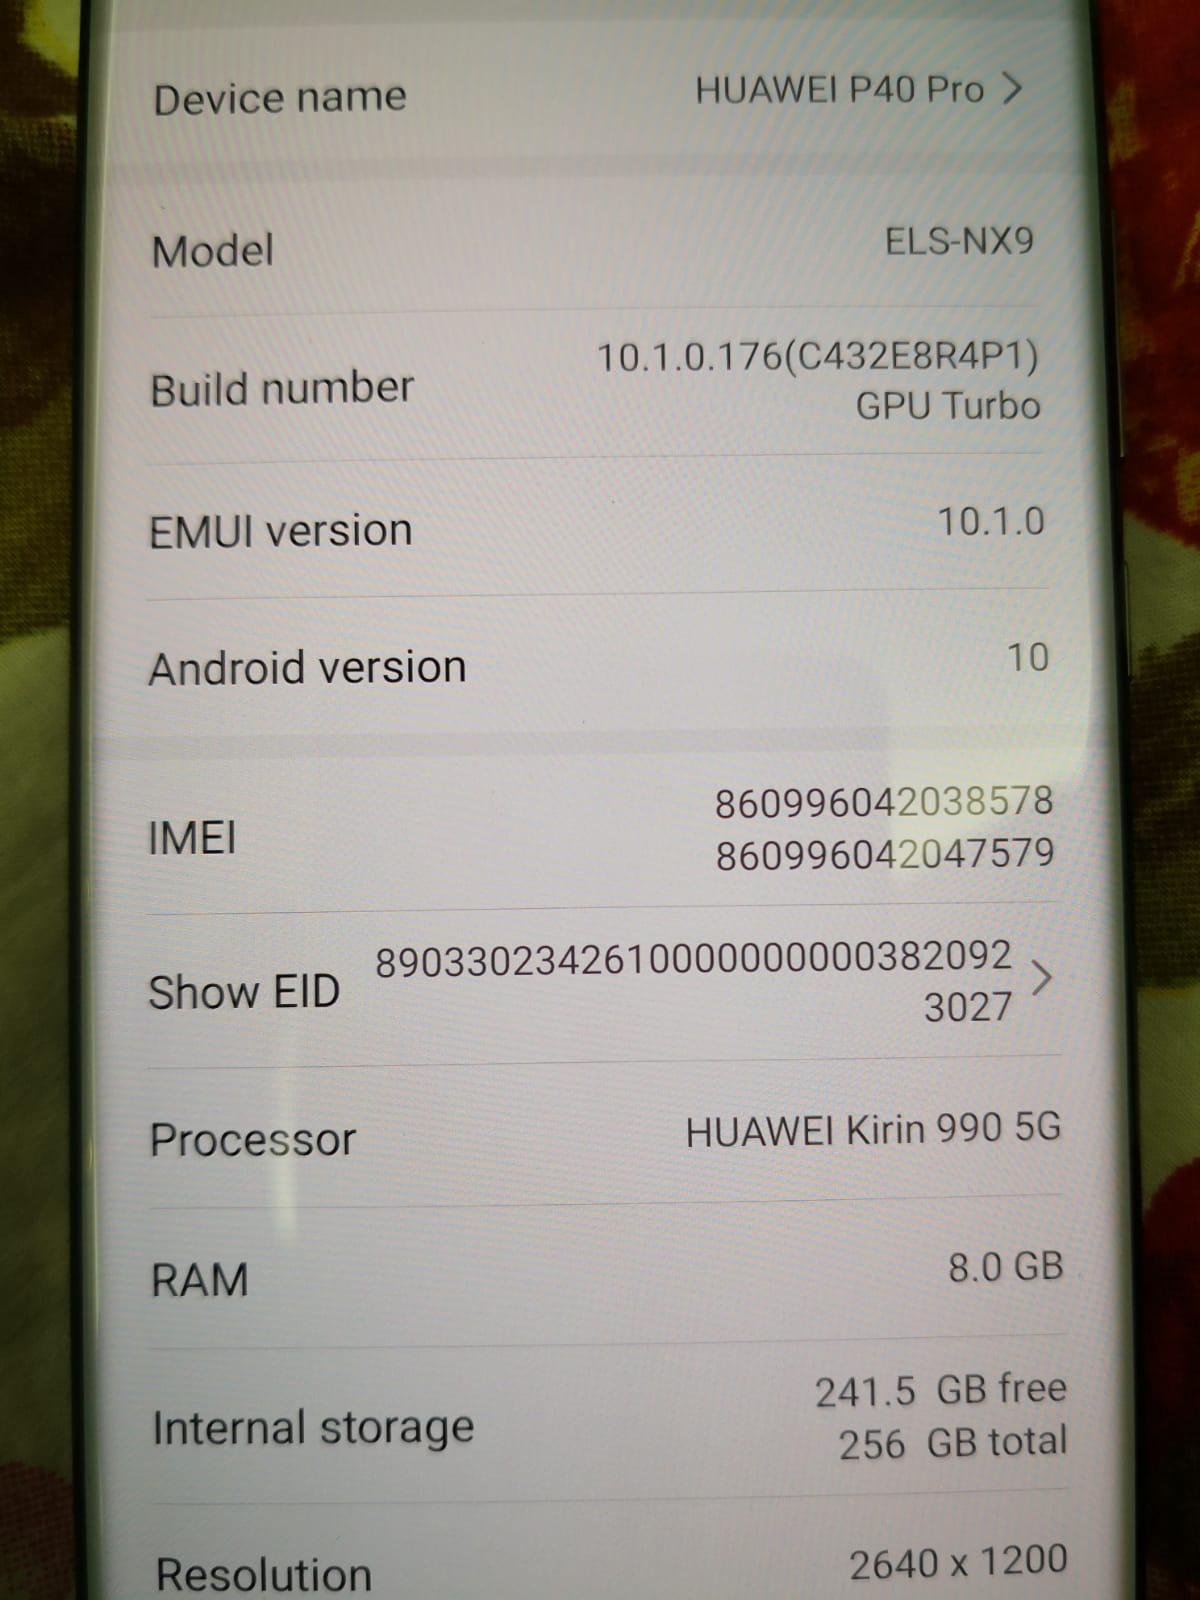 10.1.0.176 - C432E8R4P1.jpeg